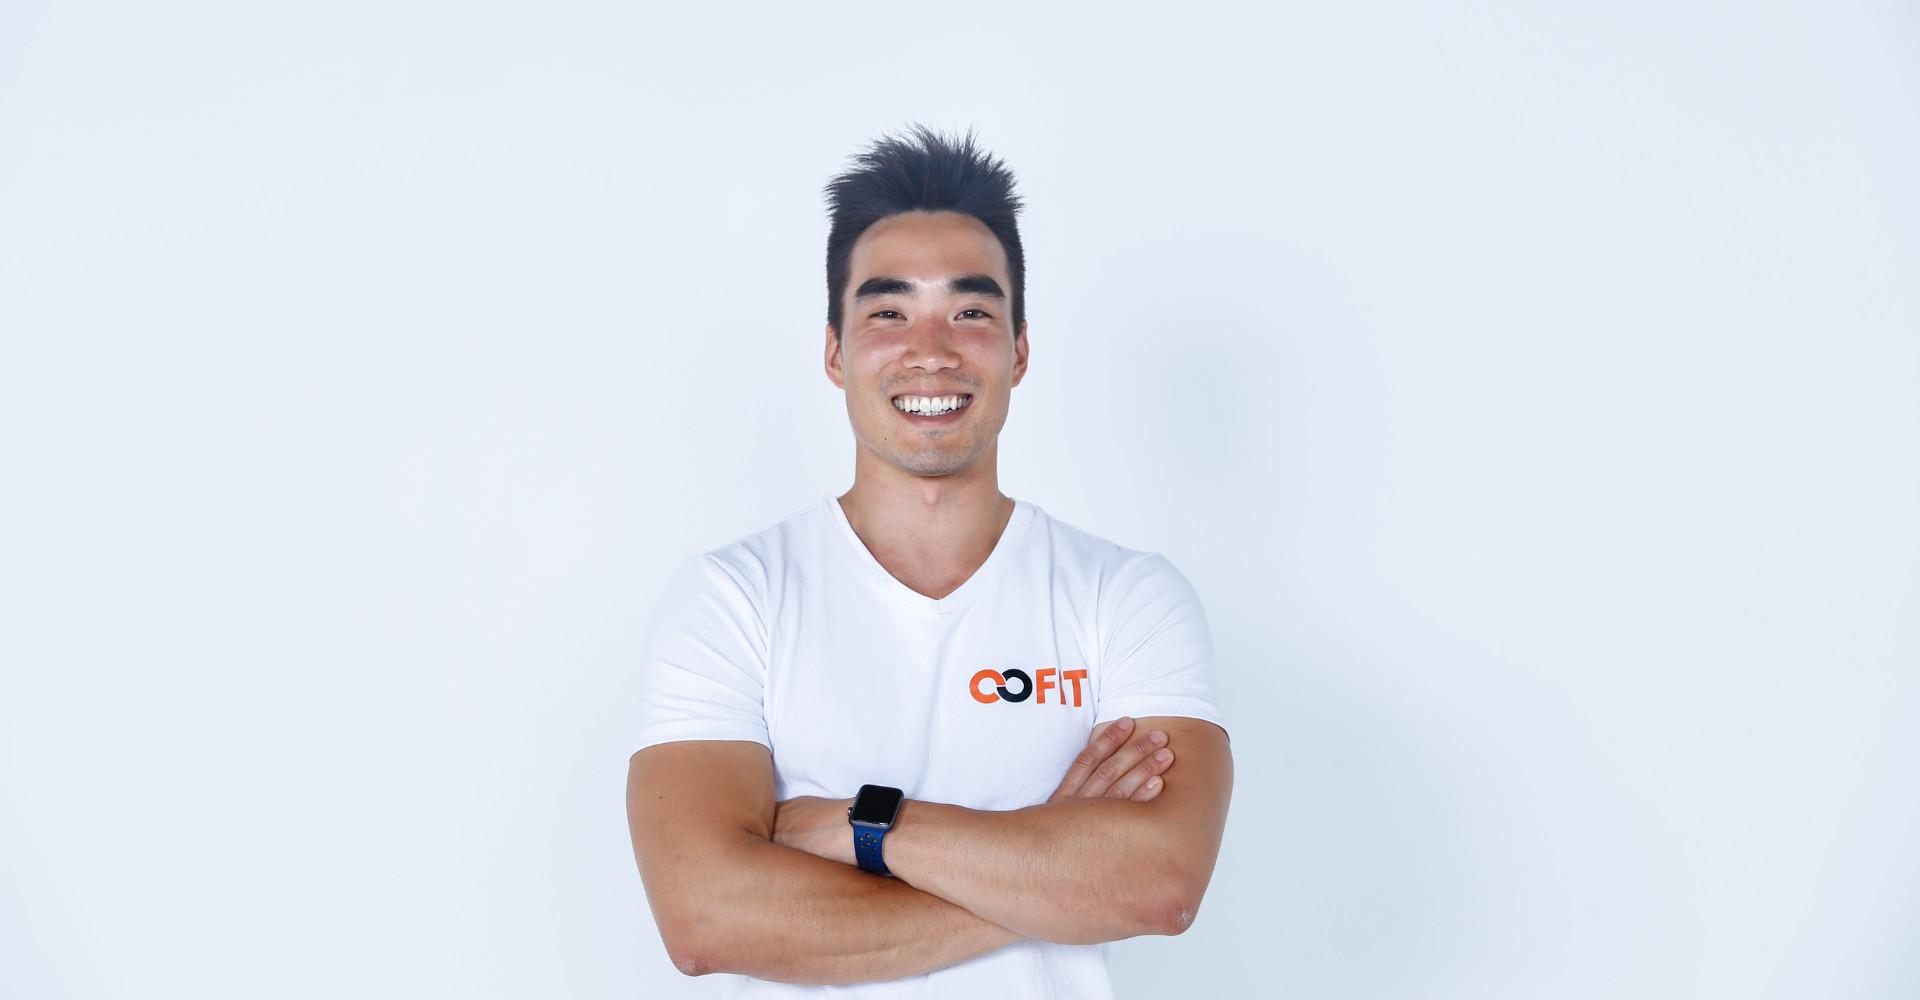 CoFit Coach Leo Fuchigami